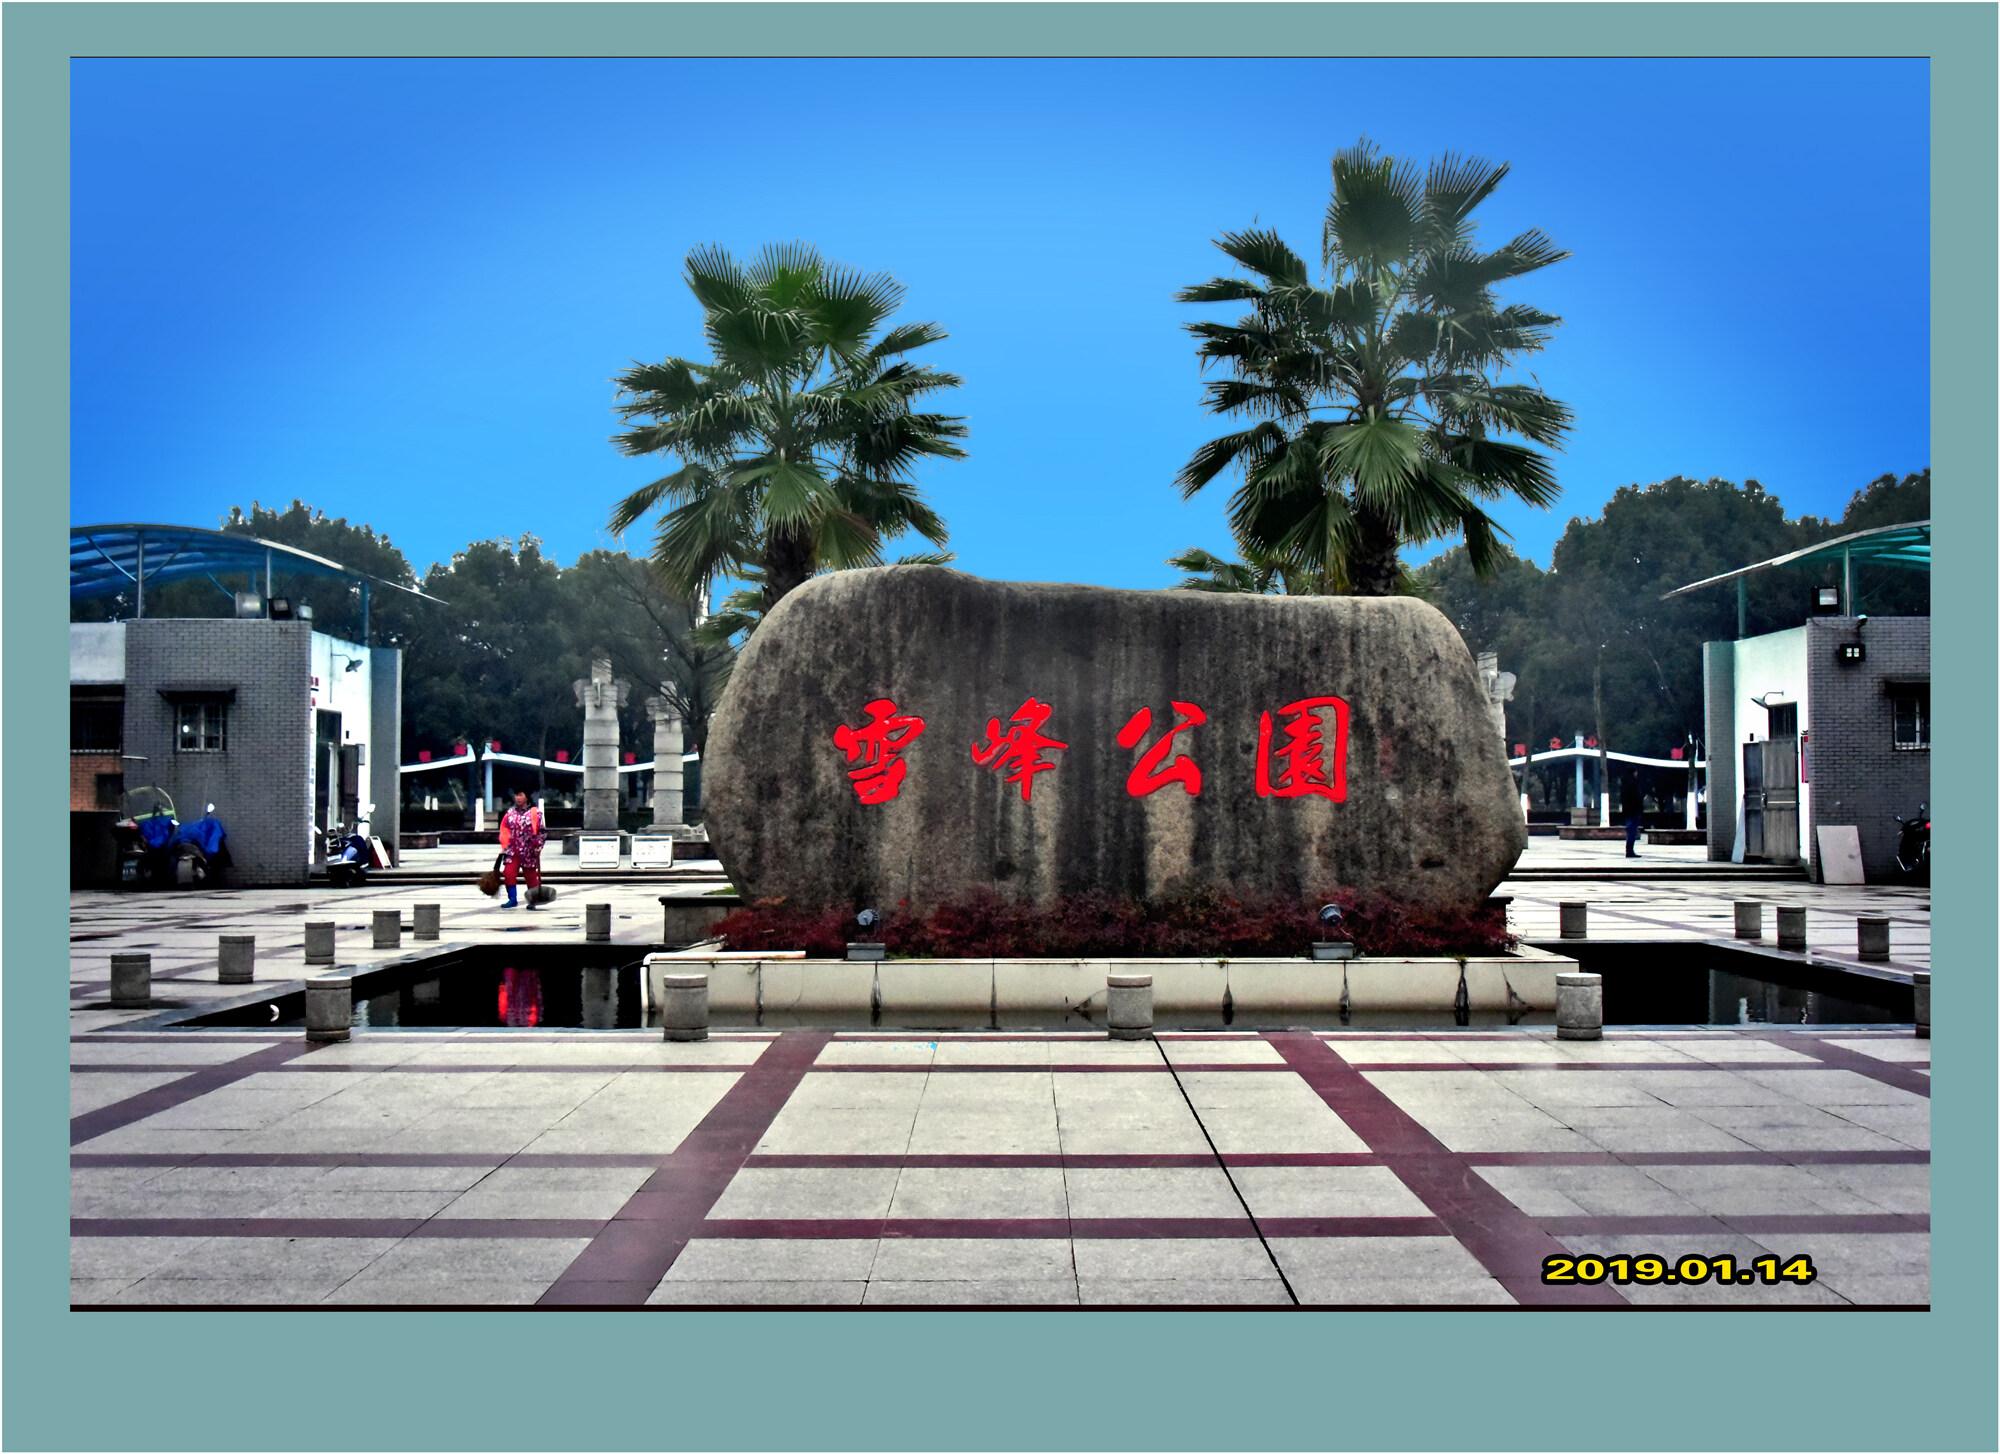 DSC_8086.JPG雪峰公园 2.jpg